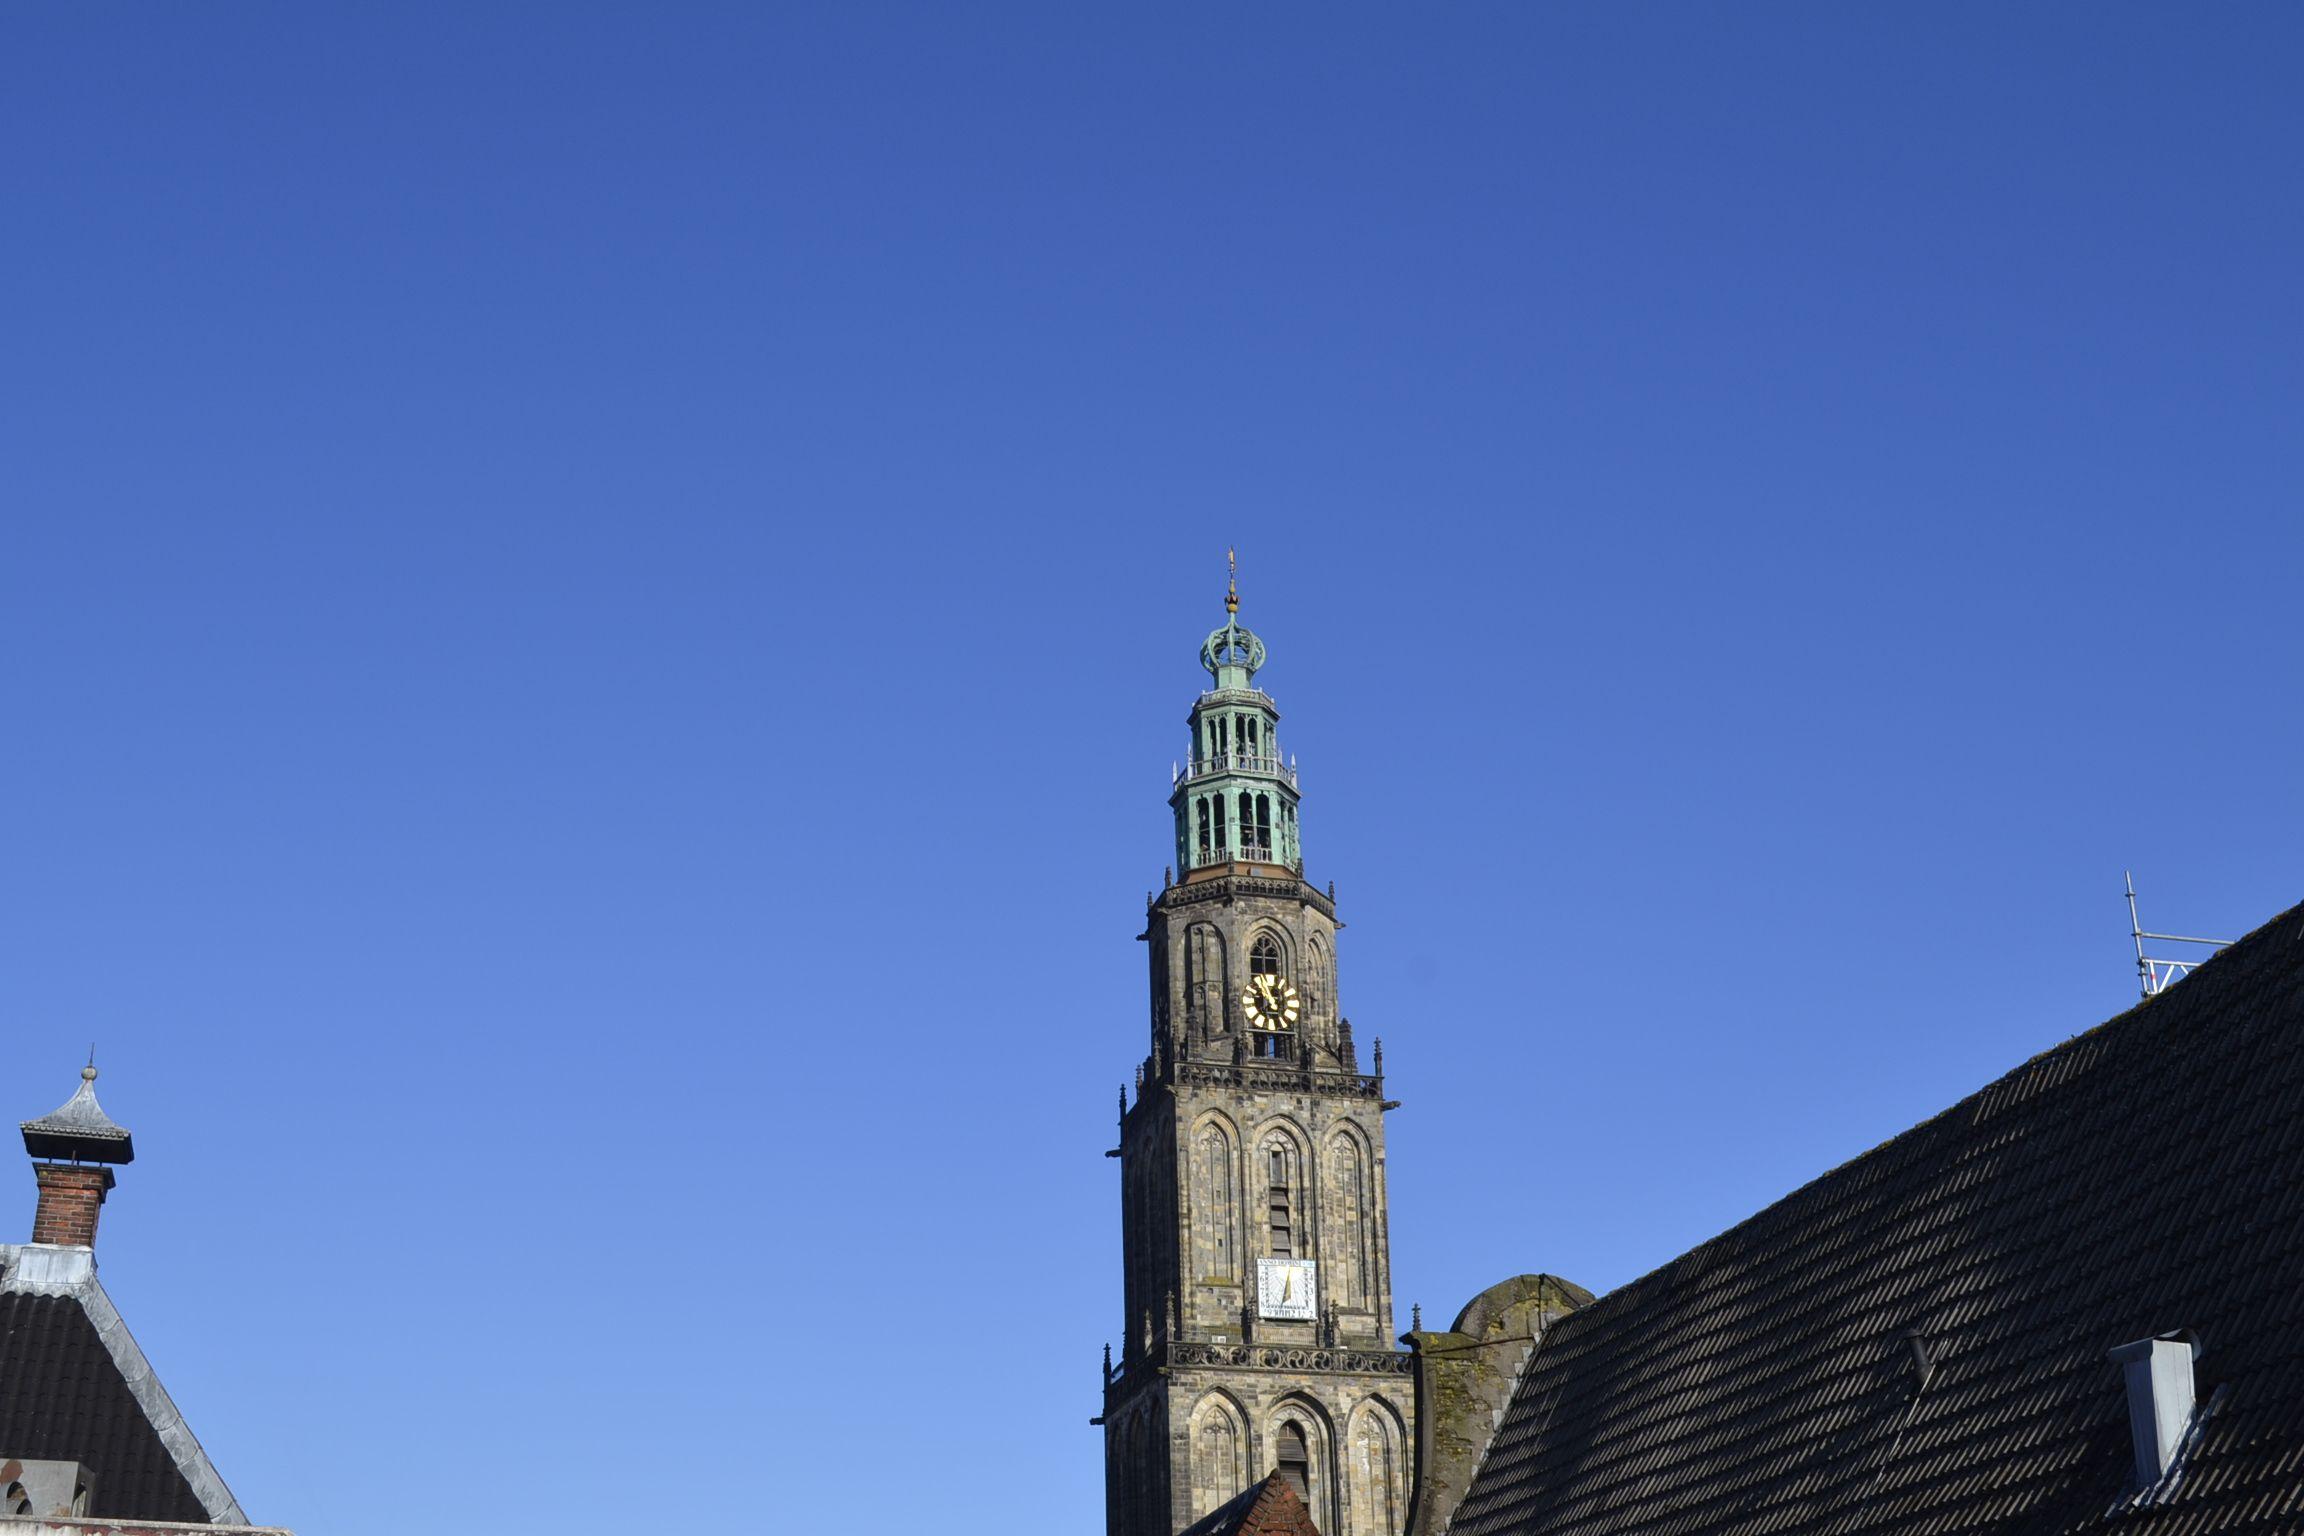 toren.jpg